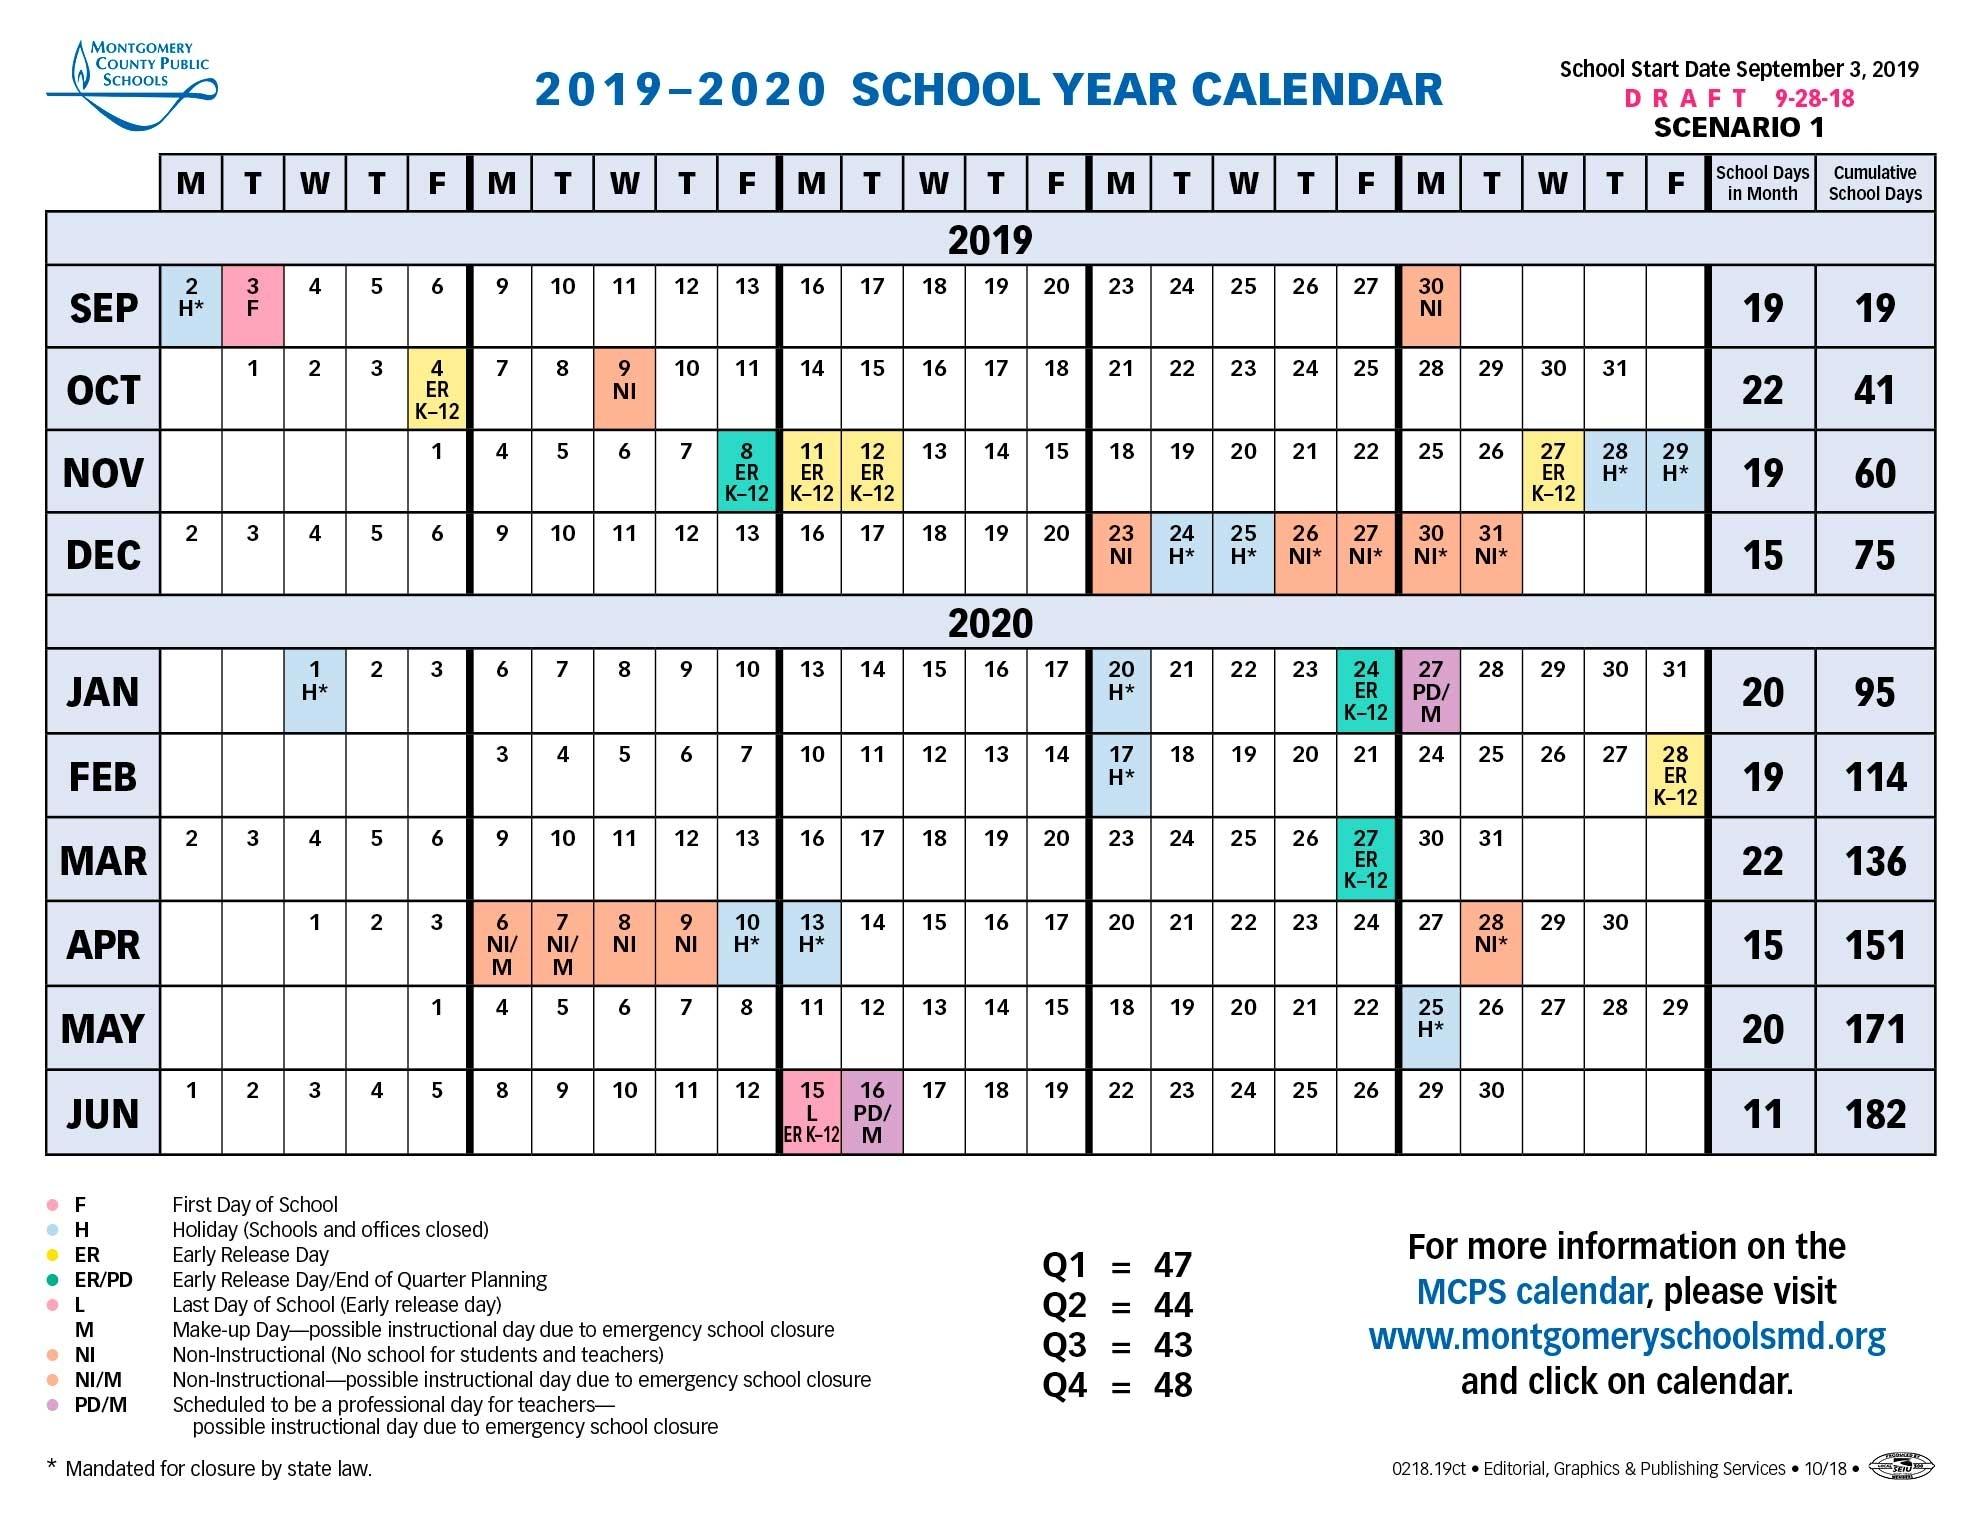 School Board Approves Longer Spring Break For 2019-2020 Calendar intended for Free Hebraic Calendar 2019 2020